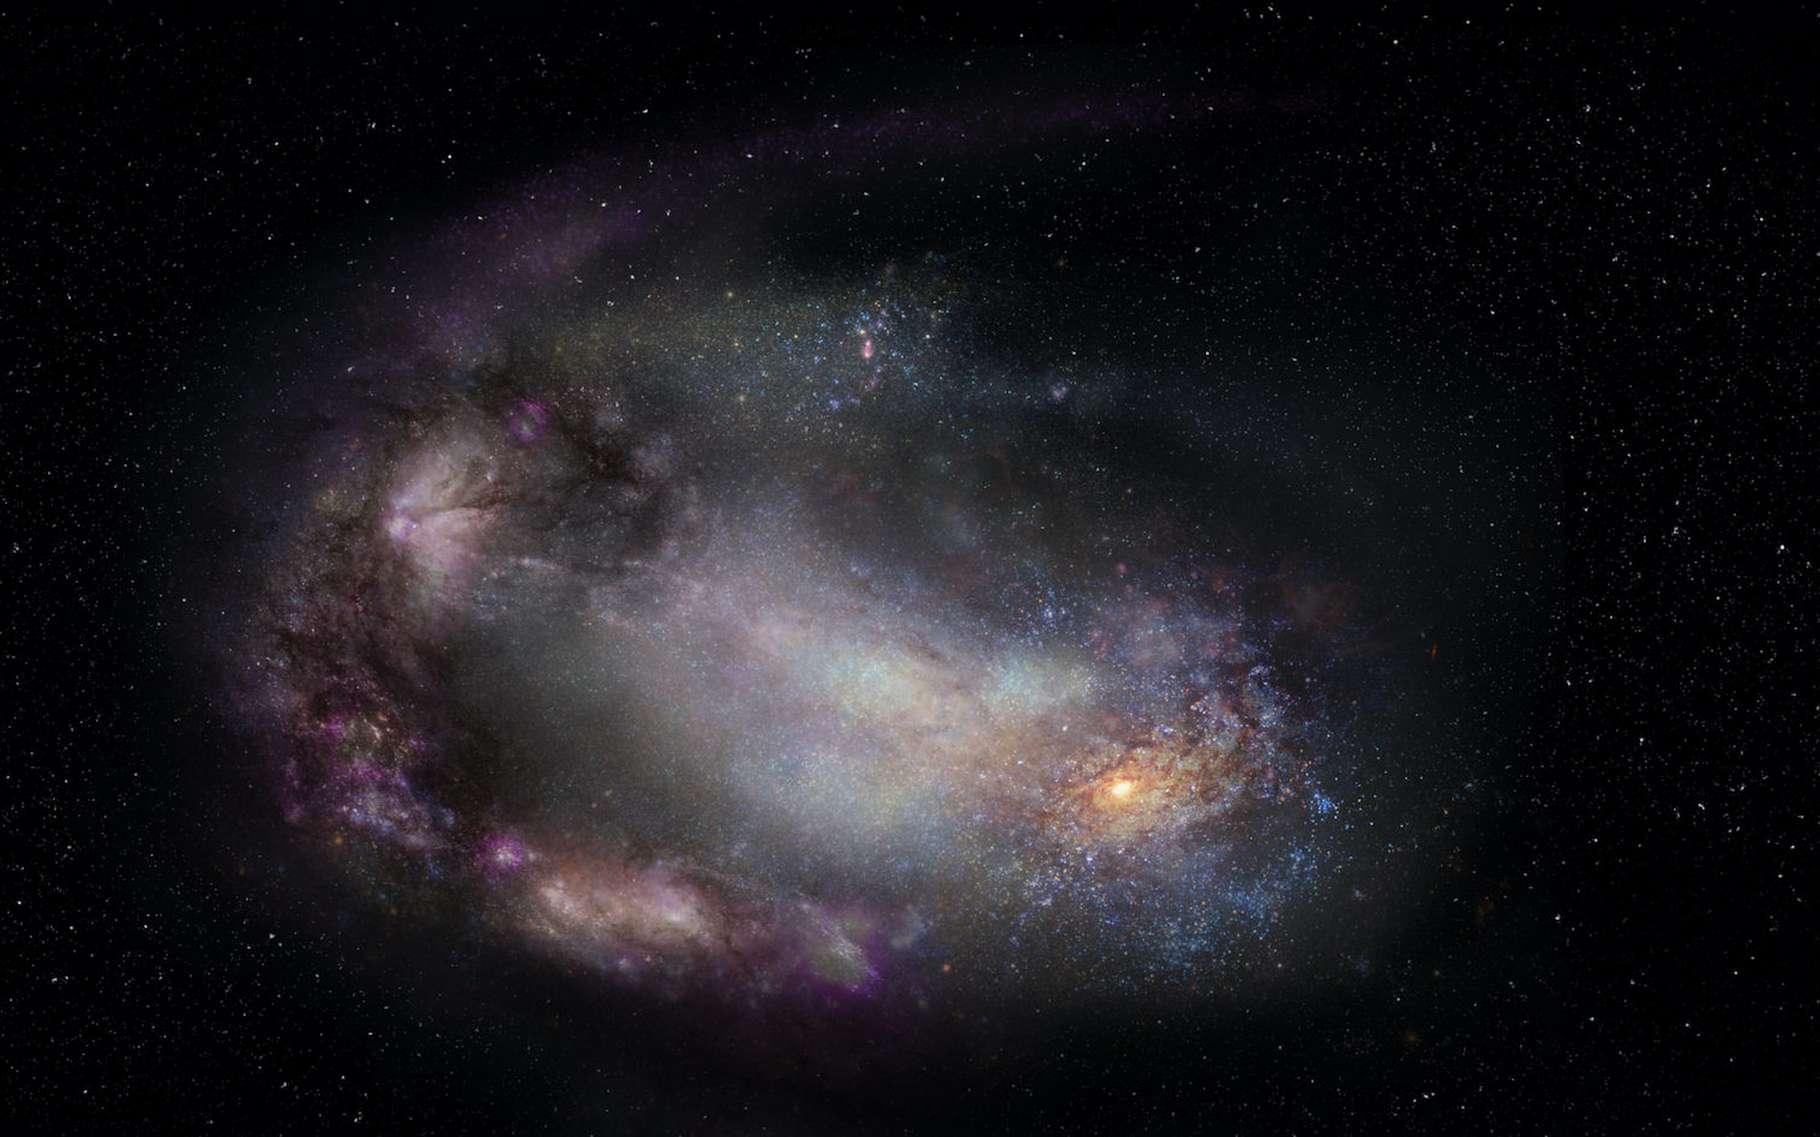 Une vue d'artiste d'une galaxie naine, probablement déformée par une interaction passée avec une autre galaxie, et un trou noir massif à sa périphérie (en bas à droite). © Sophia Dagnello, NRAO, AUI, NSF